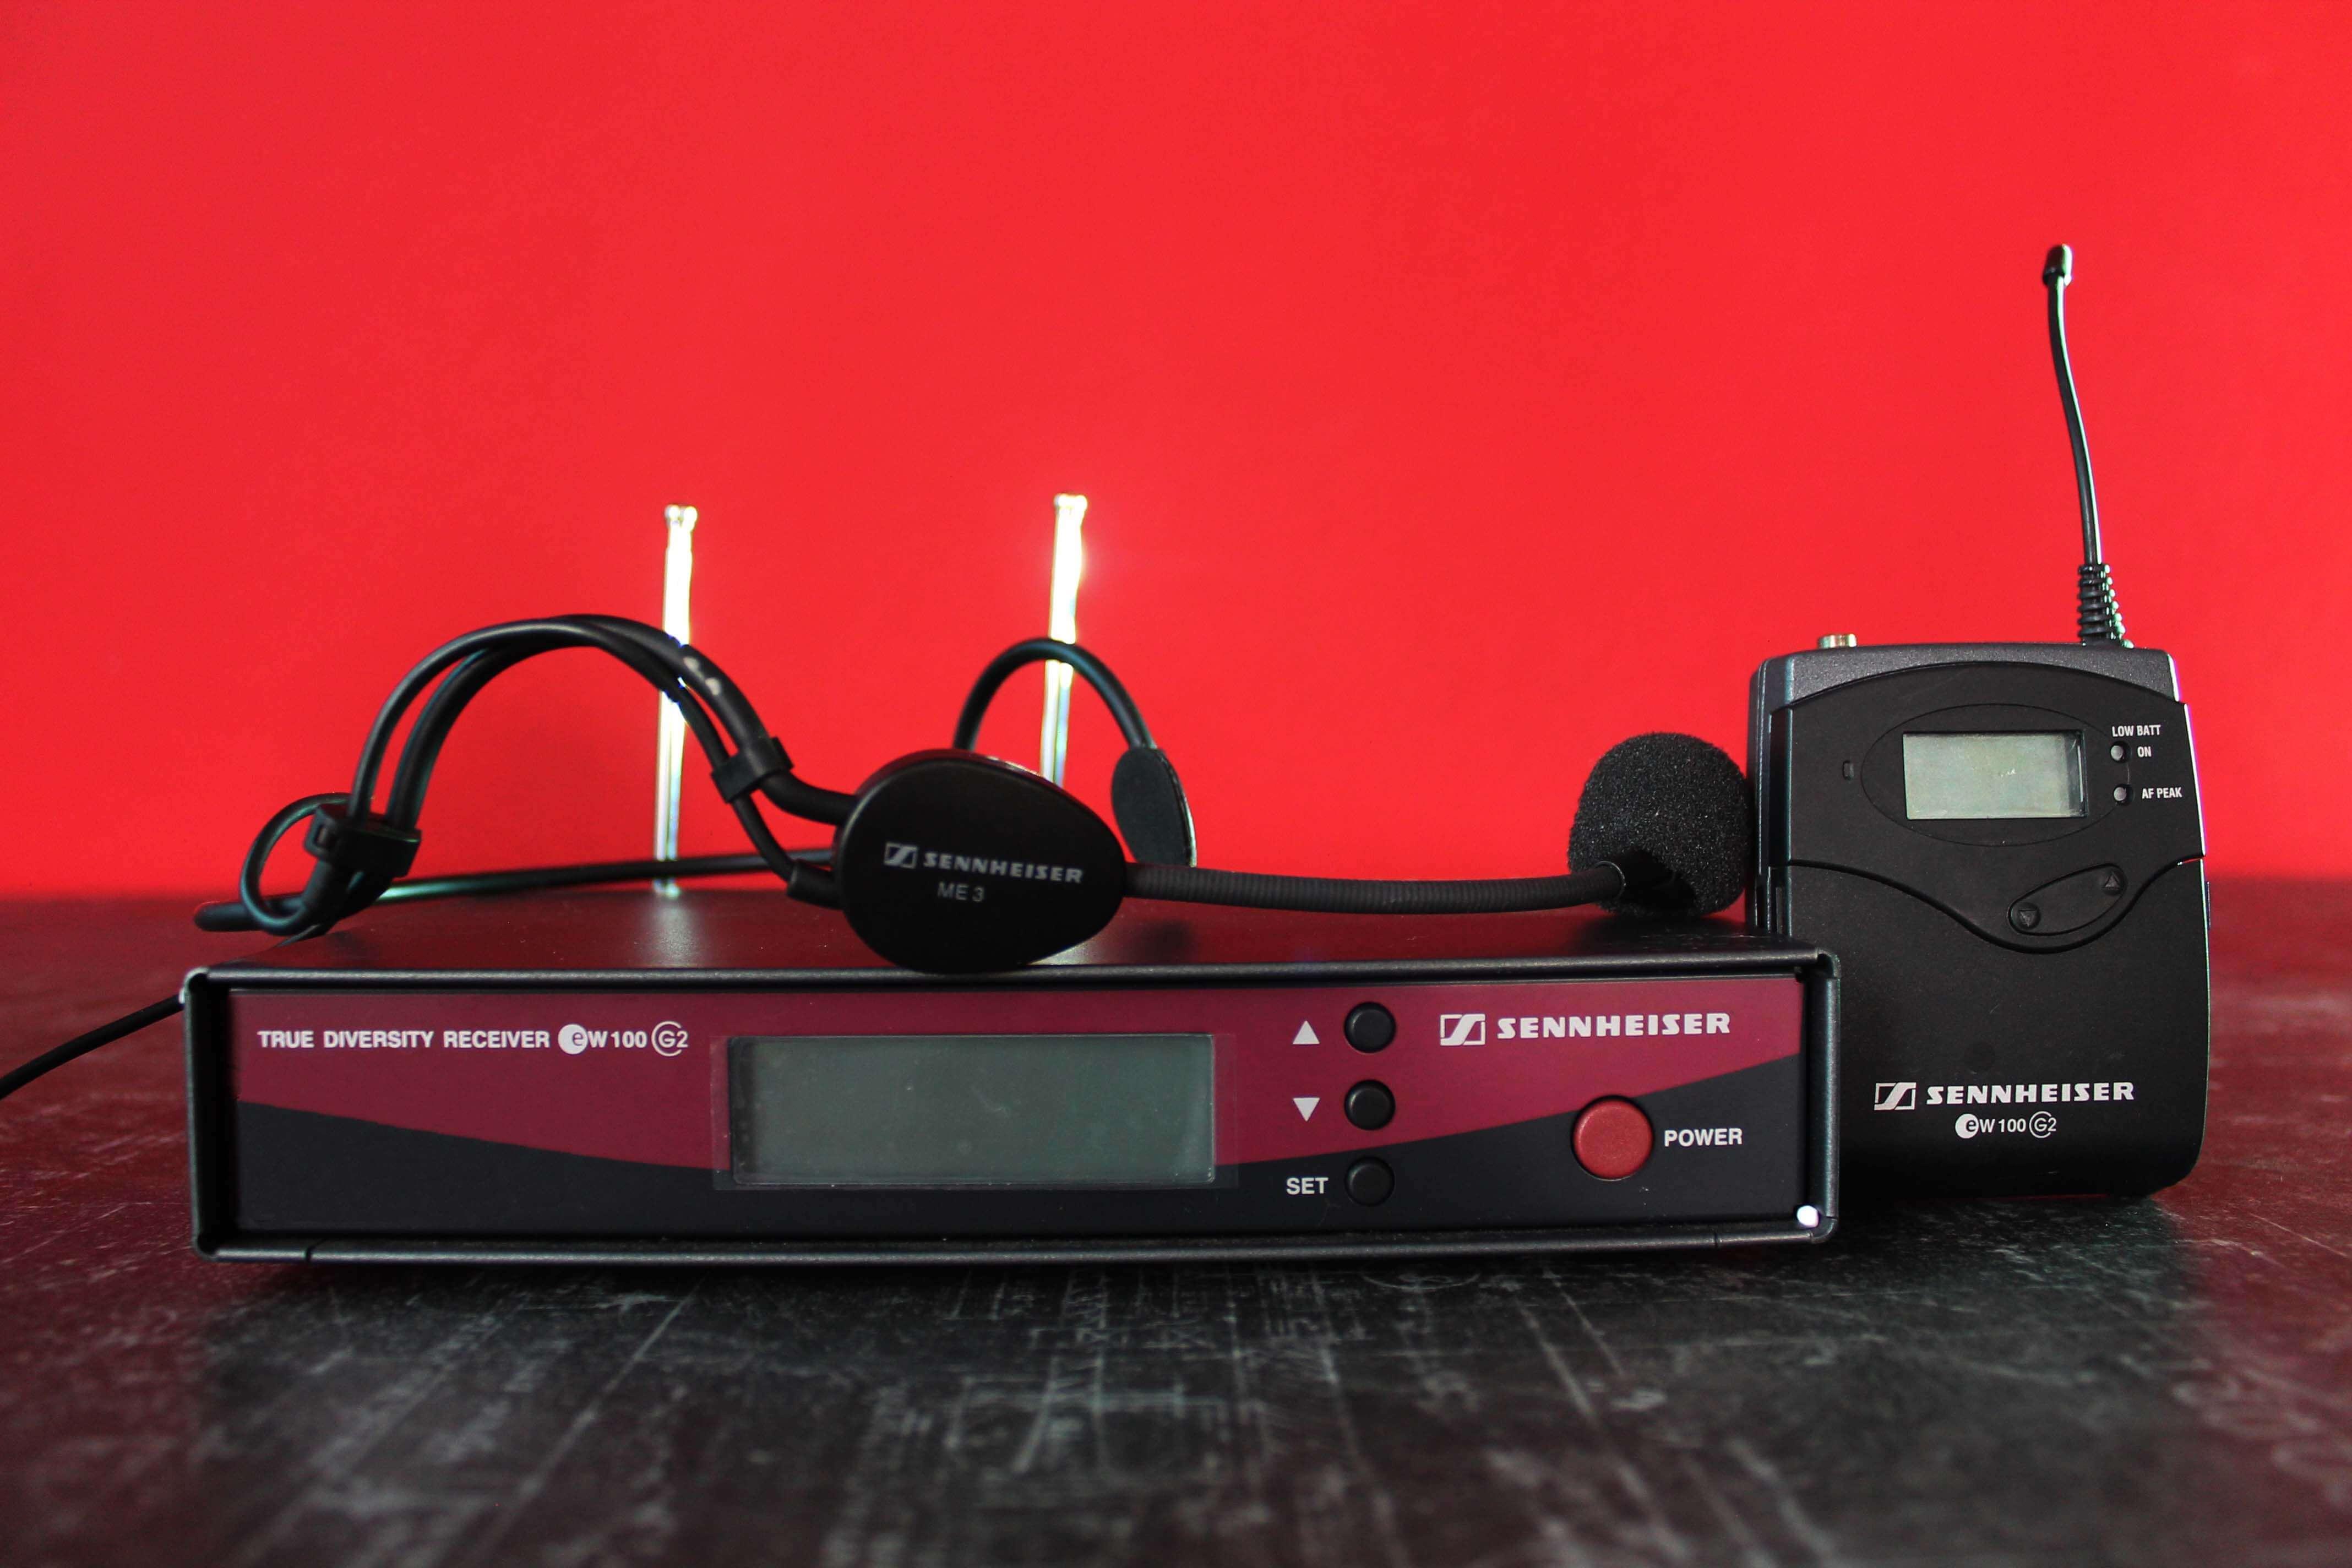 Аренда радиомикрофона Sennheiser G2 headset в Украине